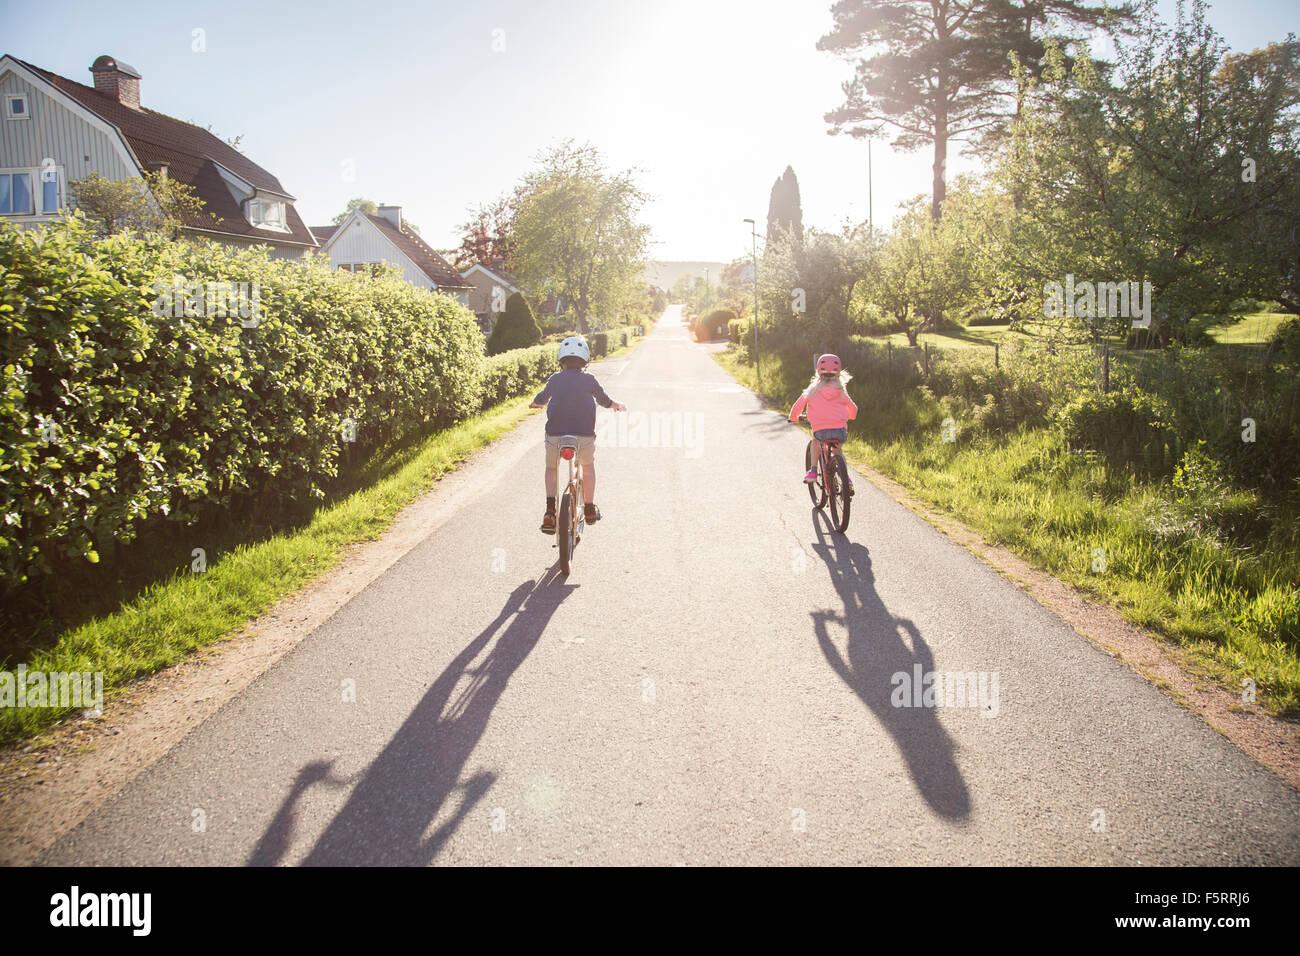 Suecia, Vastergotland, Lerum, niños (10-11, 12-13) Ciclismo en día soleado Foto de stock